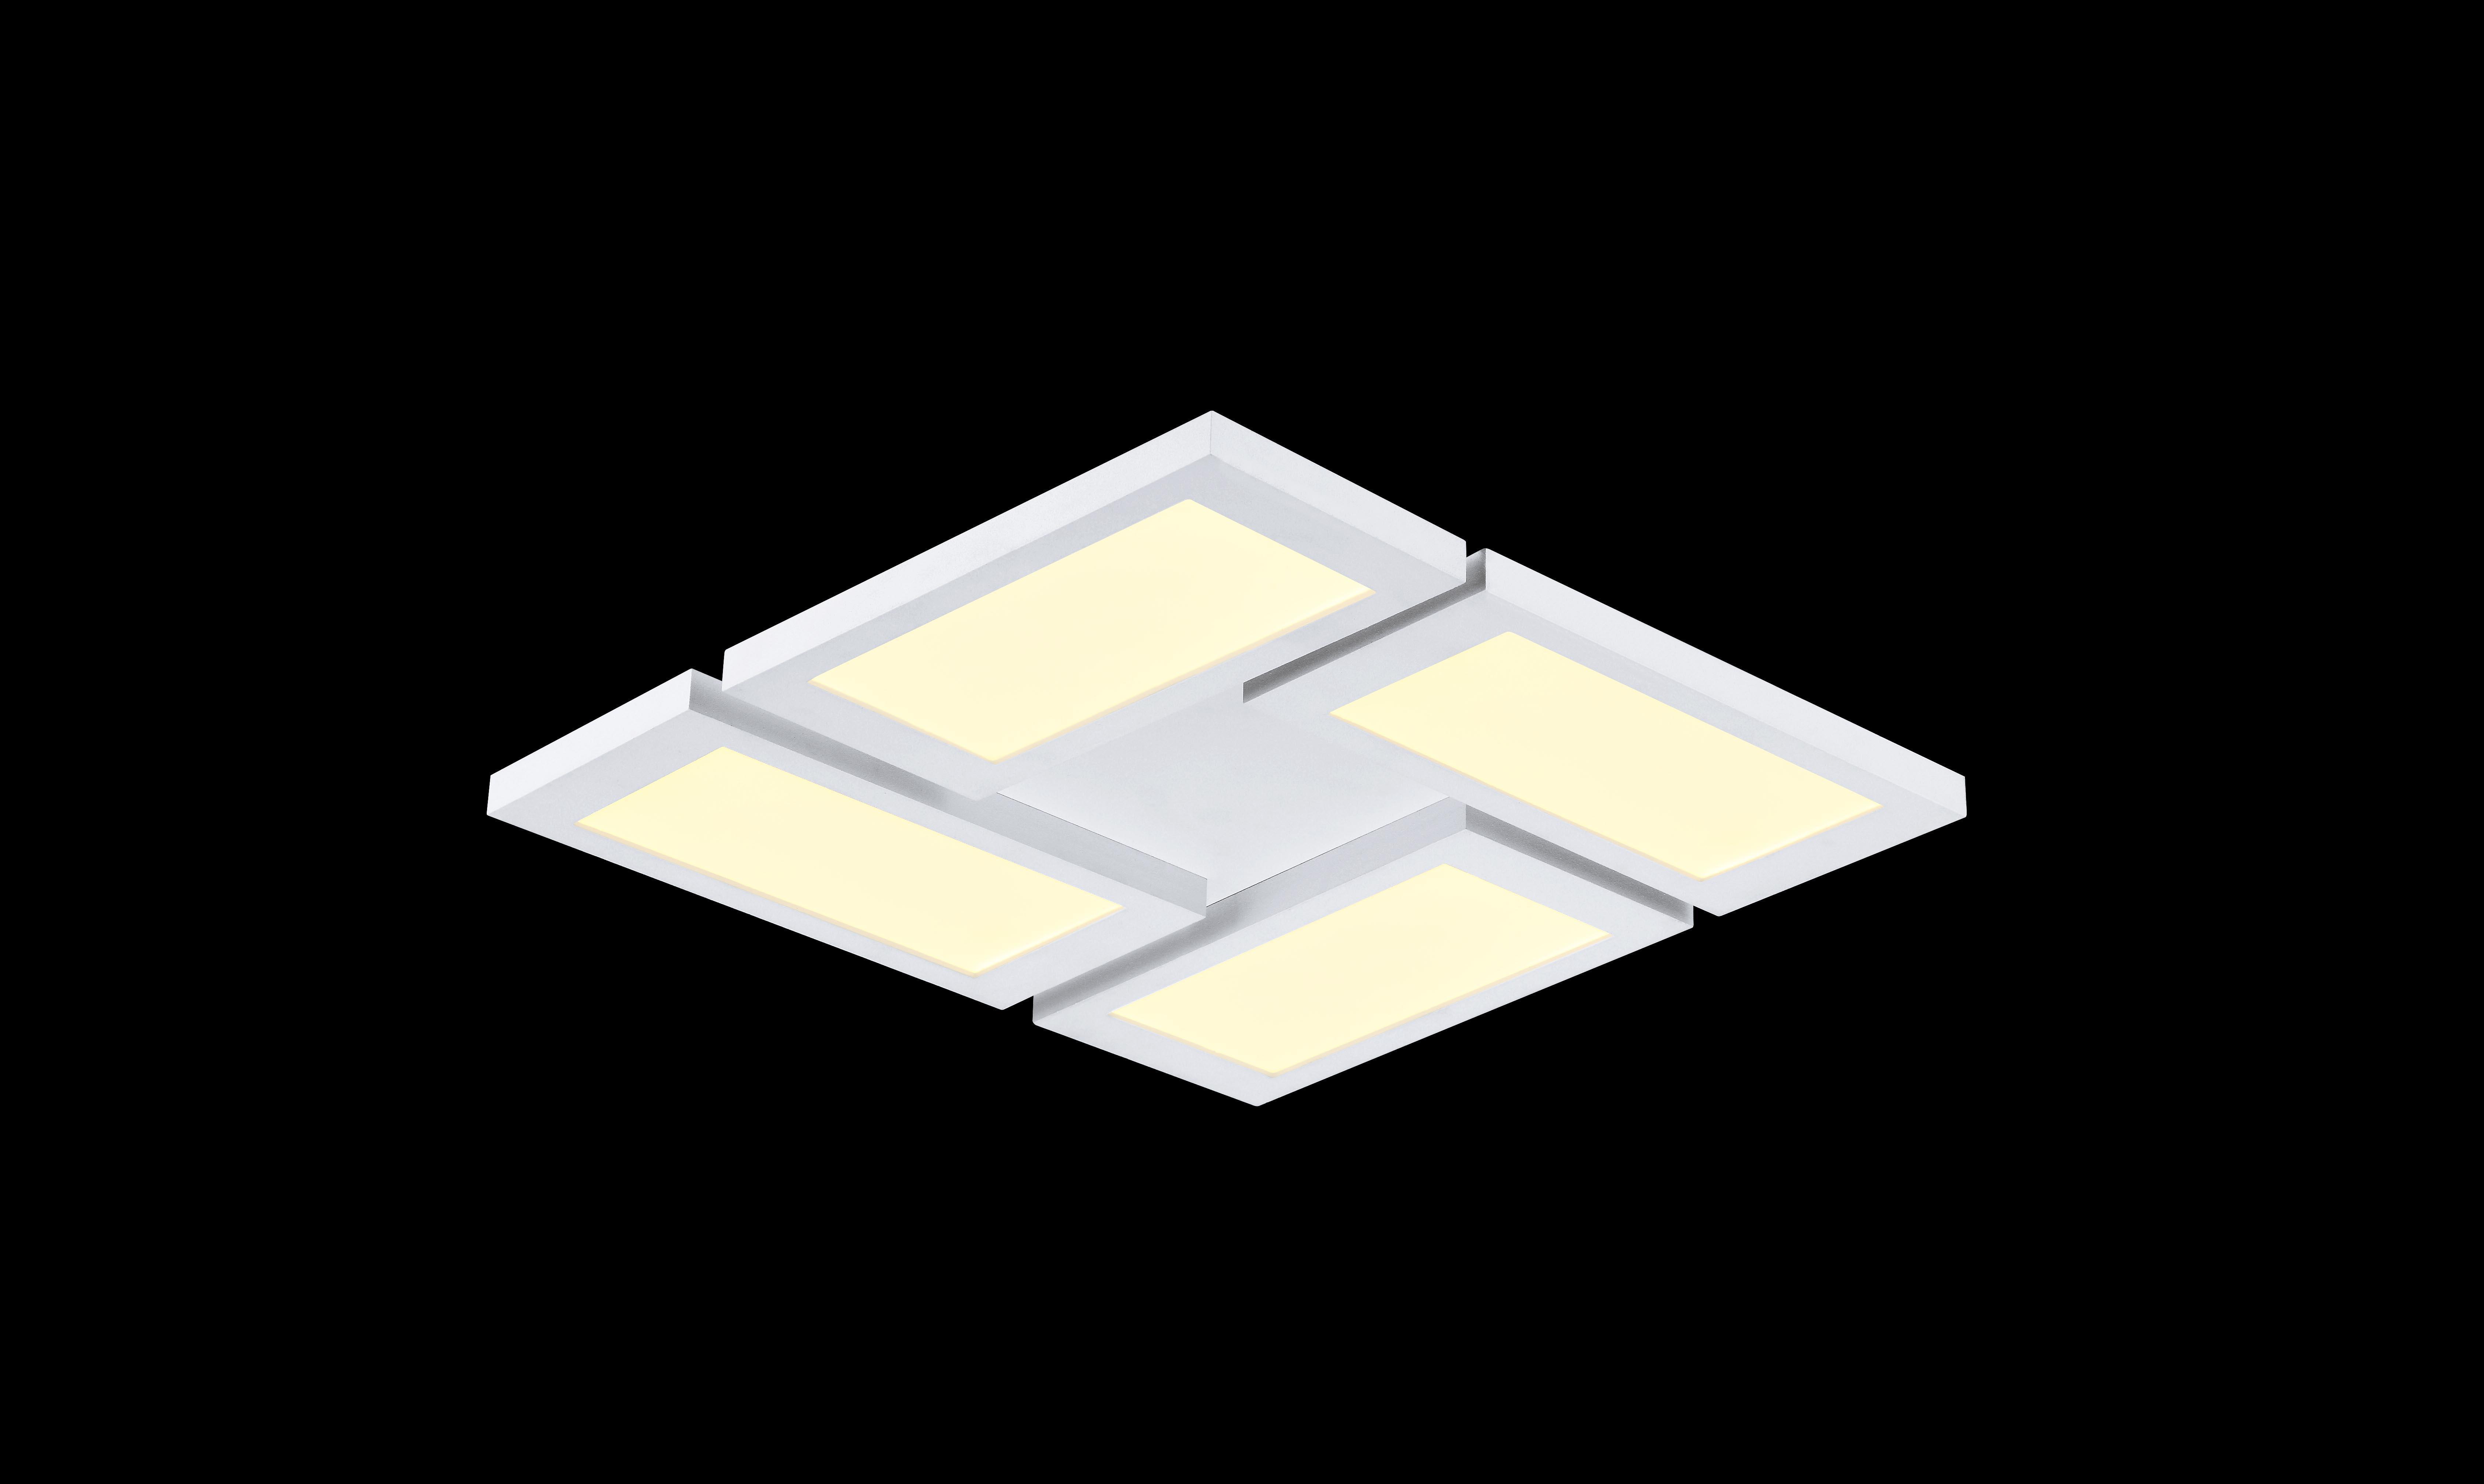 כולם חדשים ST18 גוף תאורה לד צמוד תקרה - א.ר שיווק גופי תאורה RT-83